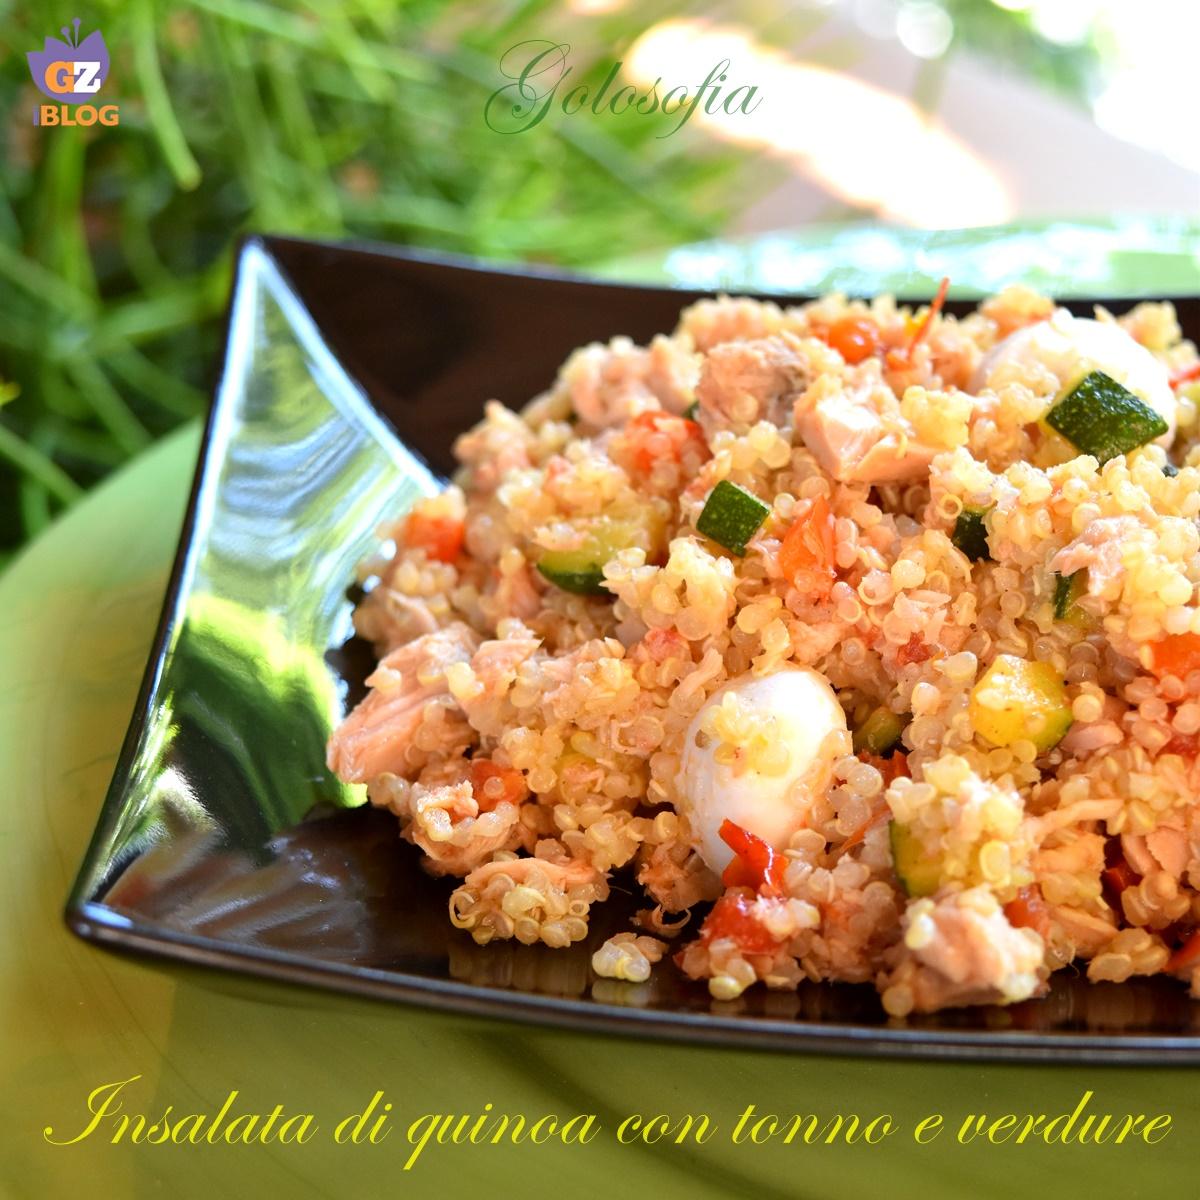 Ricetta Quinoa Con Tonno E Verdure.Insalata Di Quinoa Con Tonno E Verdure Ricetta Buonissima